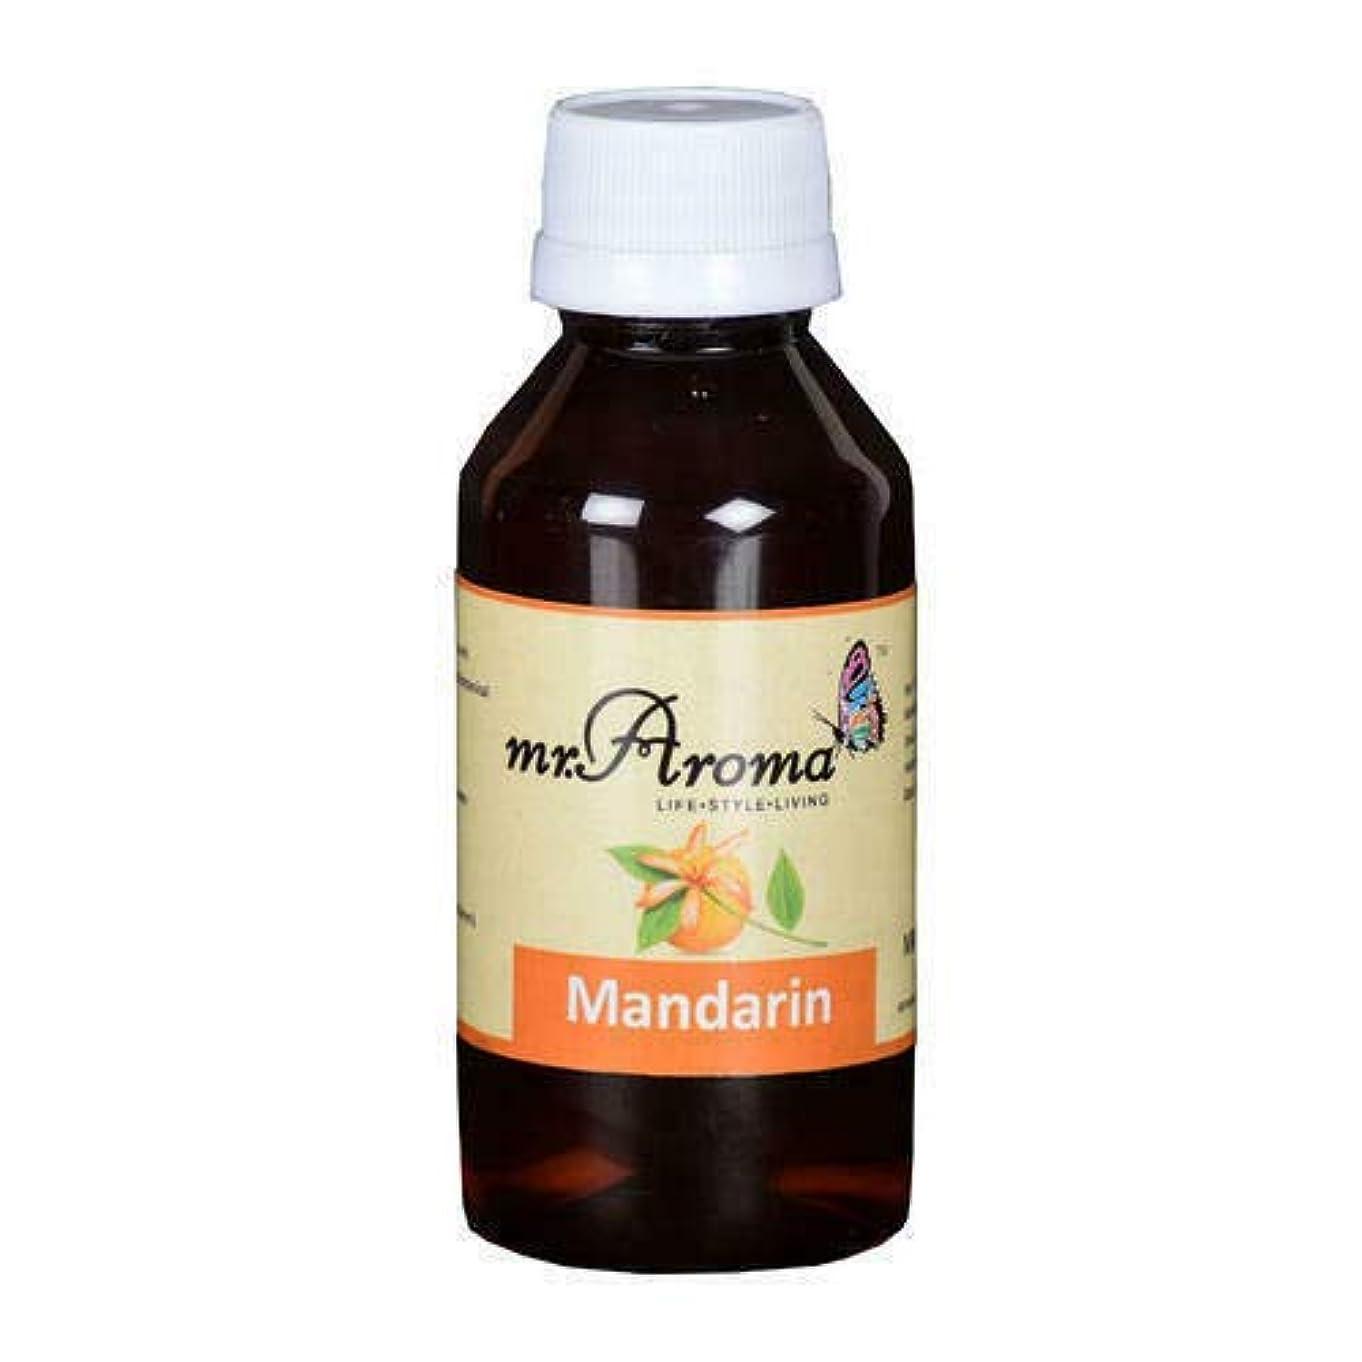 ズームインする溶接つかいますMr. Aroma Mandarin Vaporizer/Essential Oil 15ml